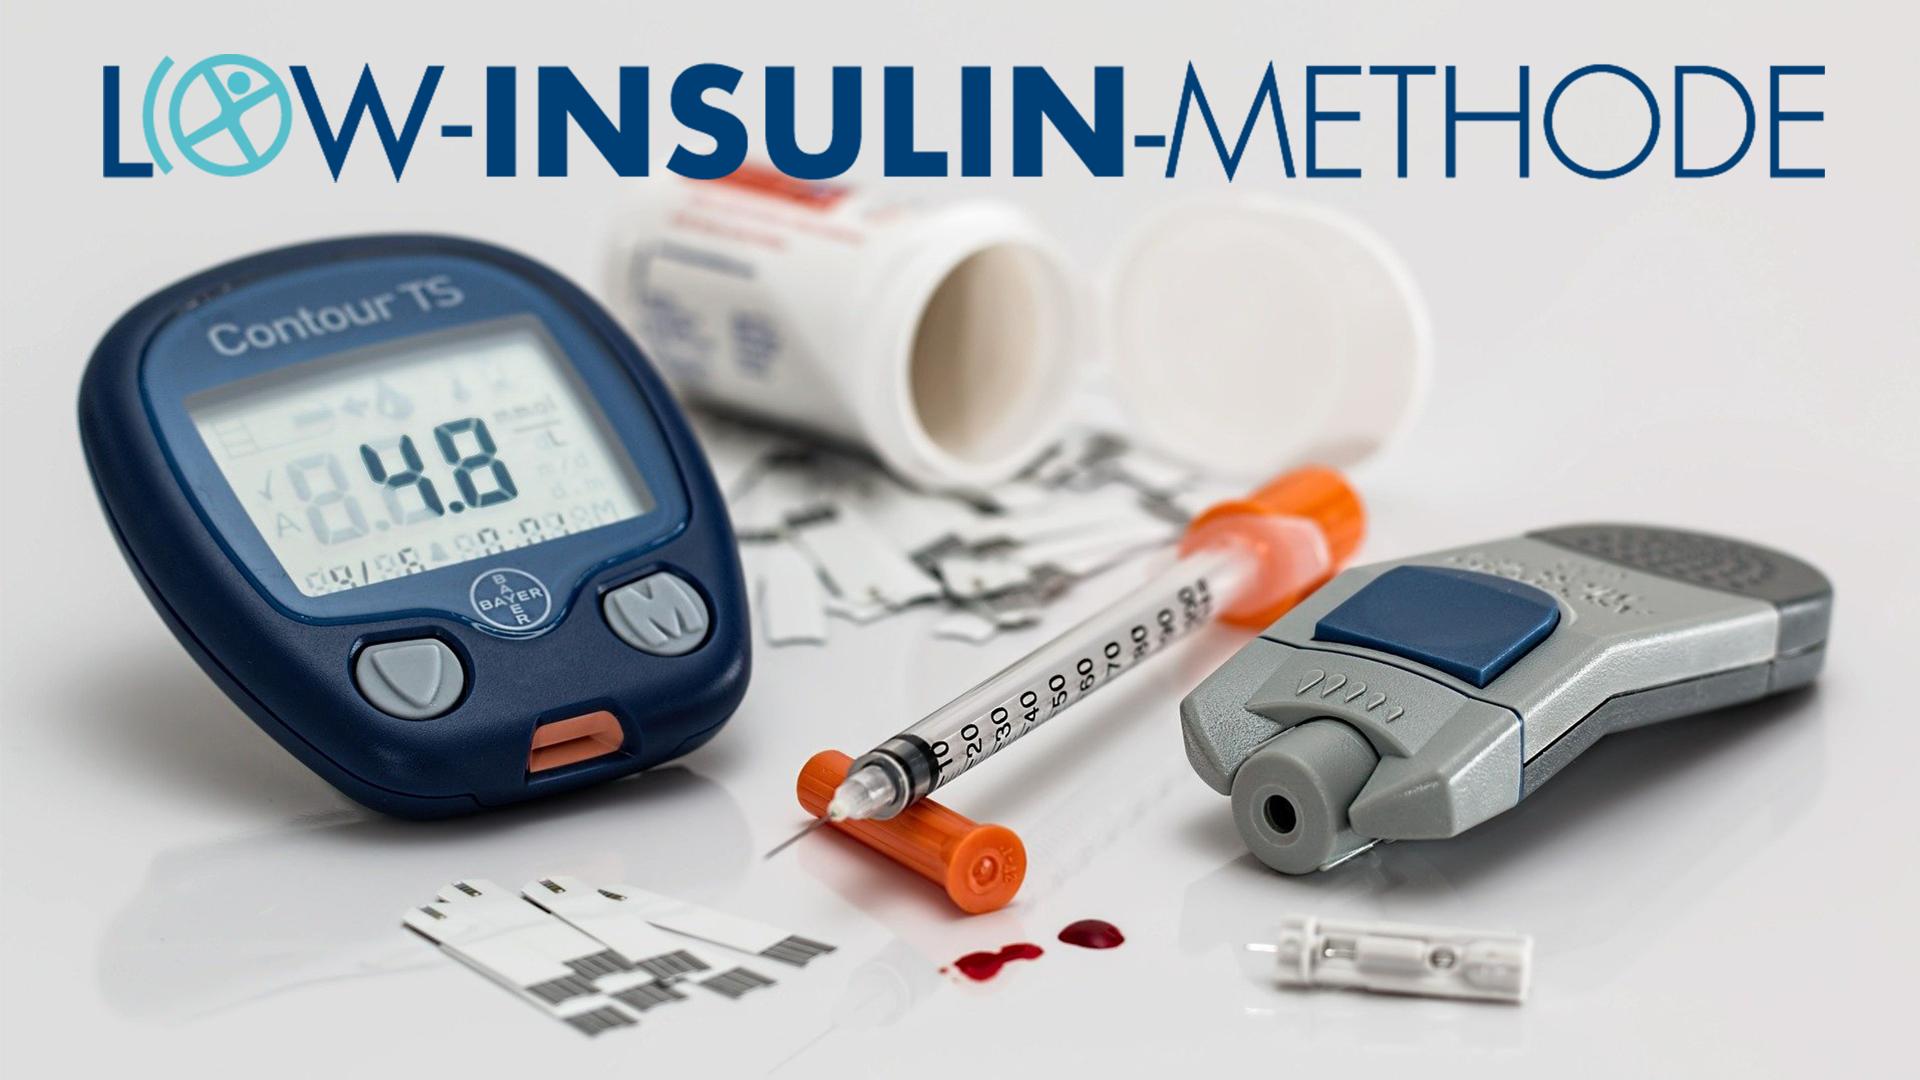 Die Low-Insulin-Methode